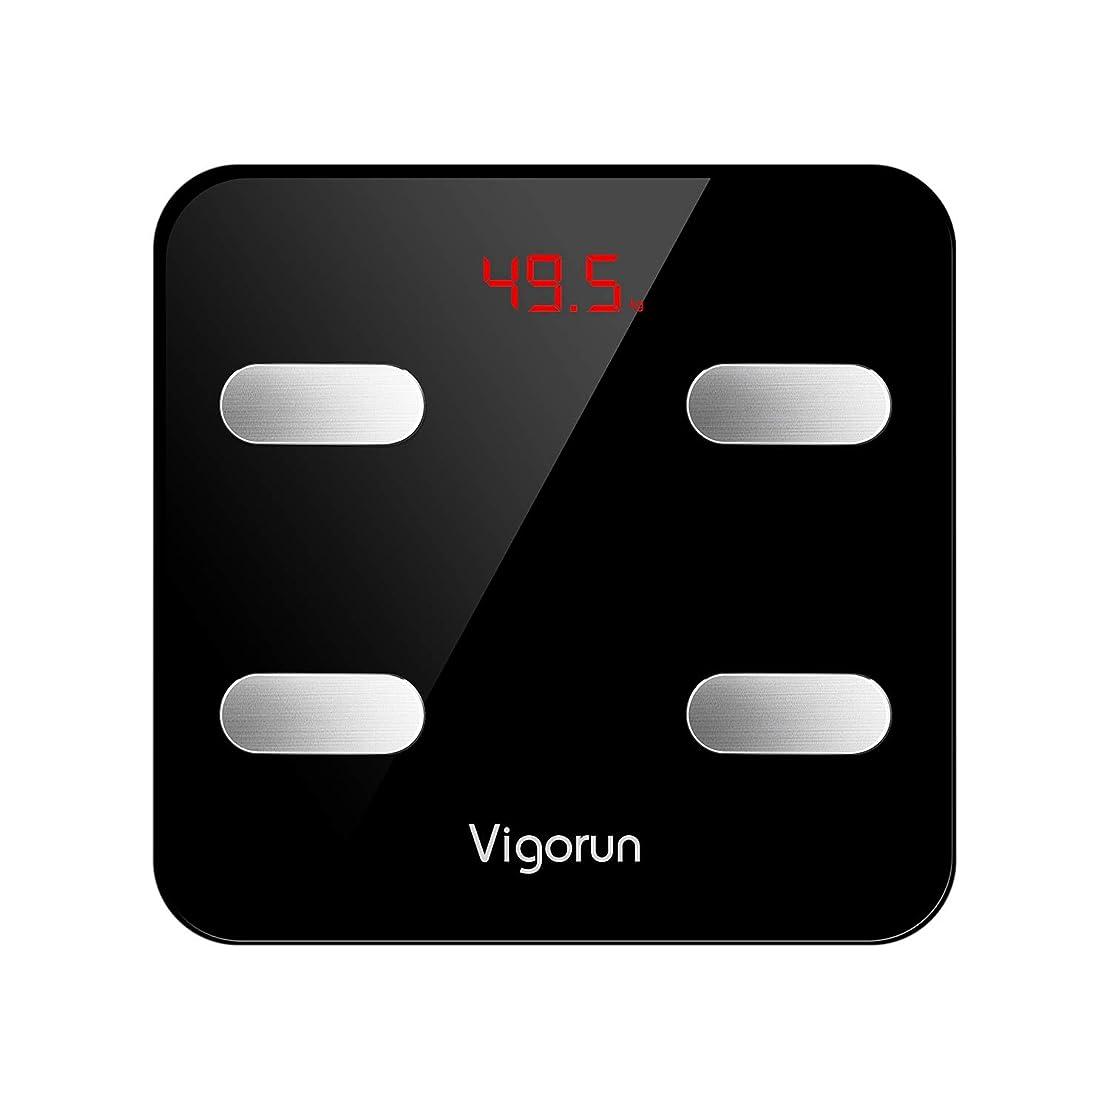 チャールズキージング満州報告書Vigorun 体重計 「デジタル」 体組成計 体脂肪計 ランキング ダイエット 体重を計り 秤 ヘルスメーター 体脂肪率/体水分率/カロリー/基礎代謝量/BMIなど測定可能 ヘルスケア Bluetooth スマホ対応 iOS/Android アプリで健康管理